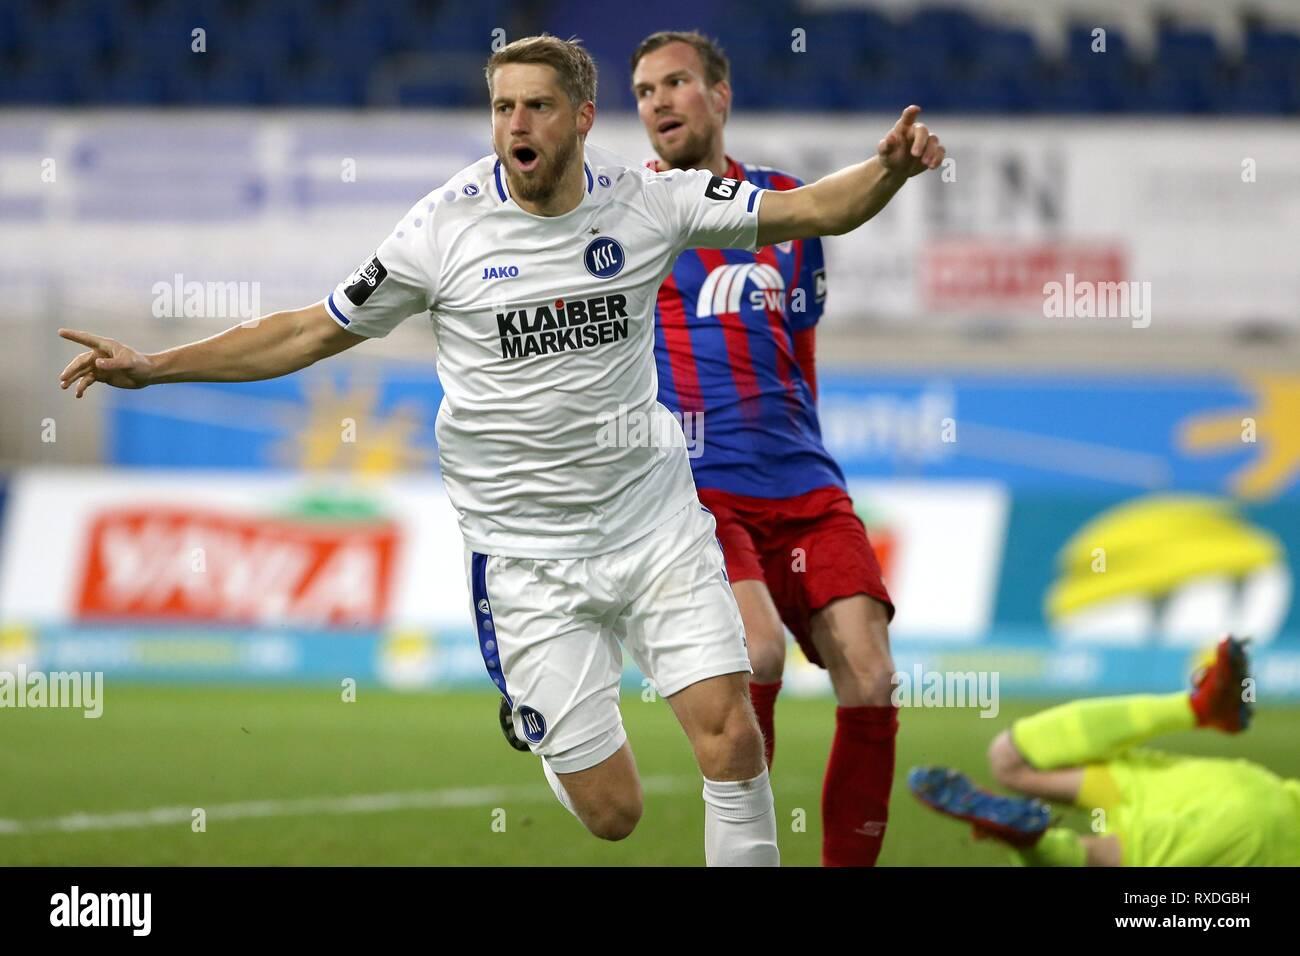 firo: 08.03.2019 Football, 3. Bundesliga, season 2018/2019 KFC Uerdingen 05 - Karlsruher SC Marc Lorenz (# 7, Karlsruher SC) goaljubel, jubilation, joy, after his goal to 0: 1 | usage worldwide - Stock Image